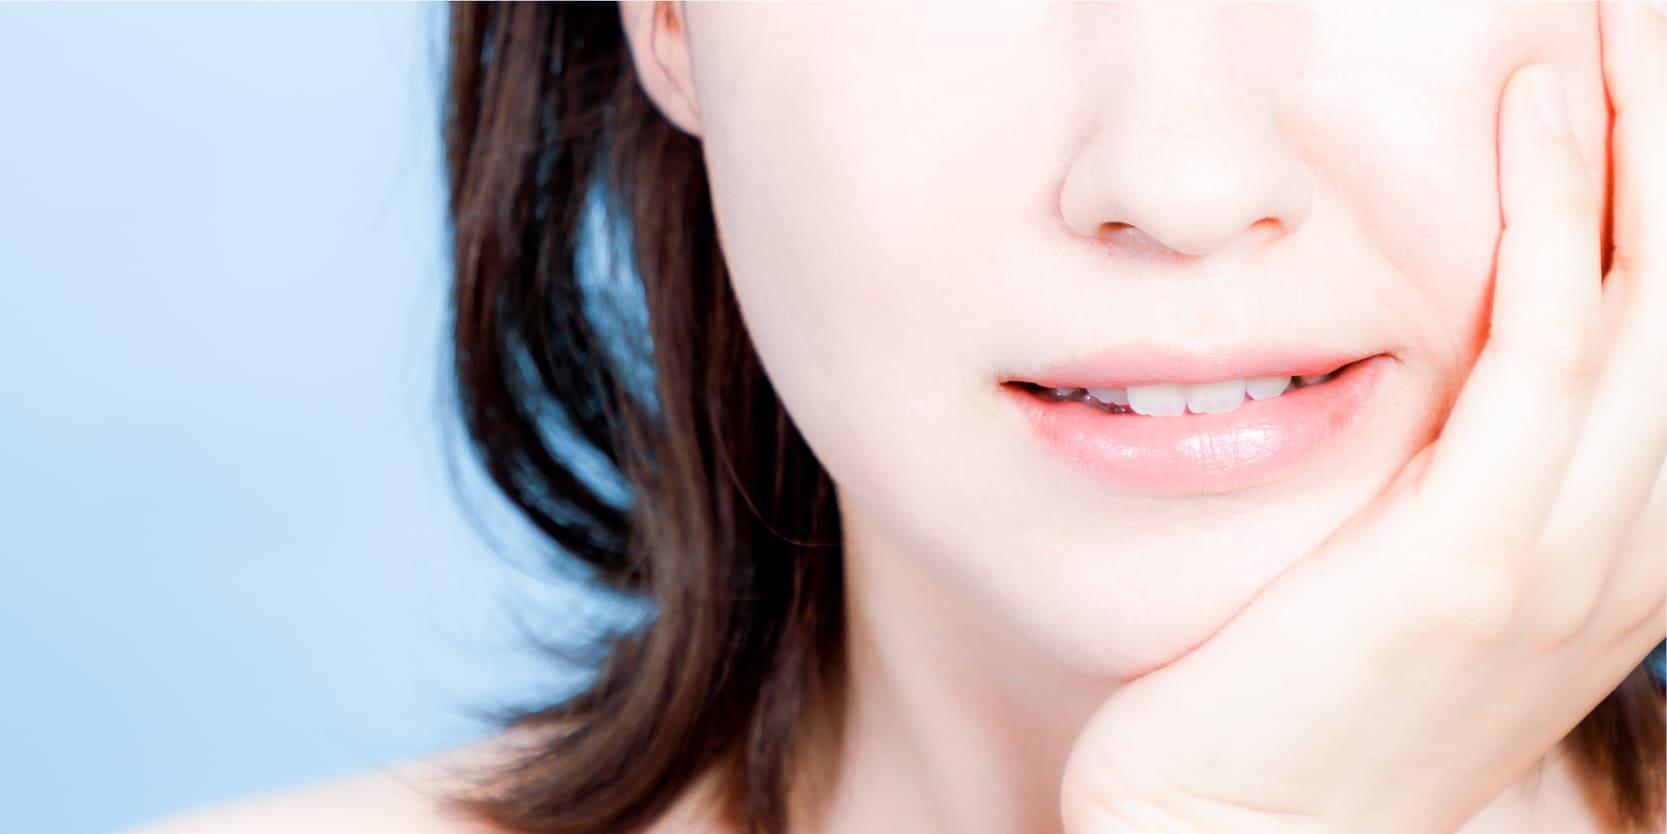 歯の痛み・異変を感じたらすぐに受診してください